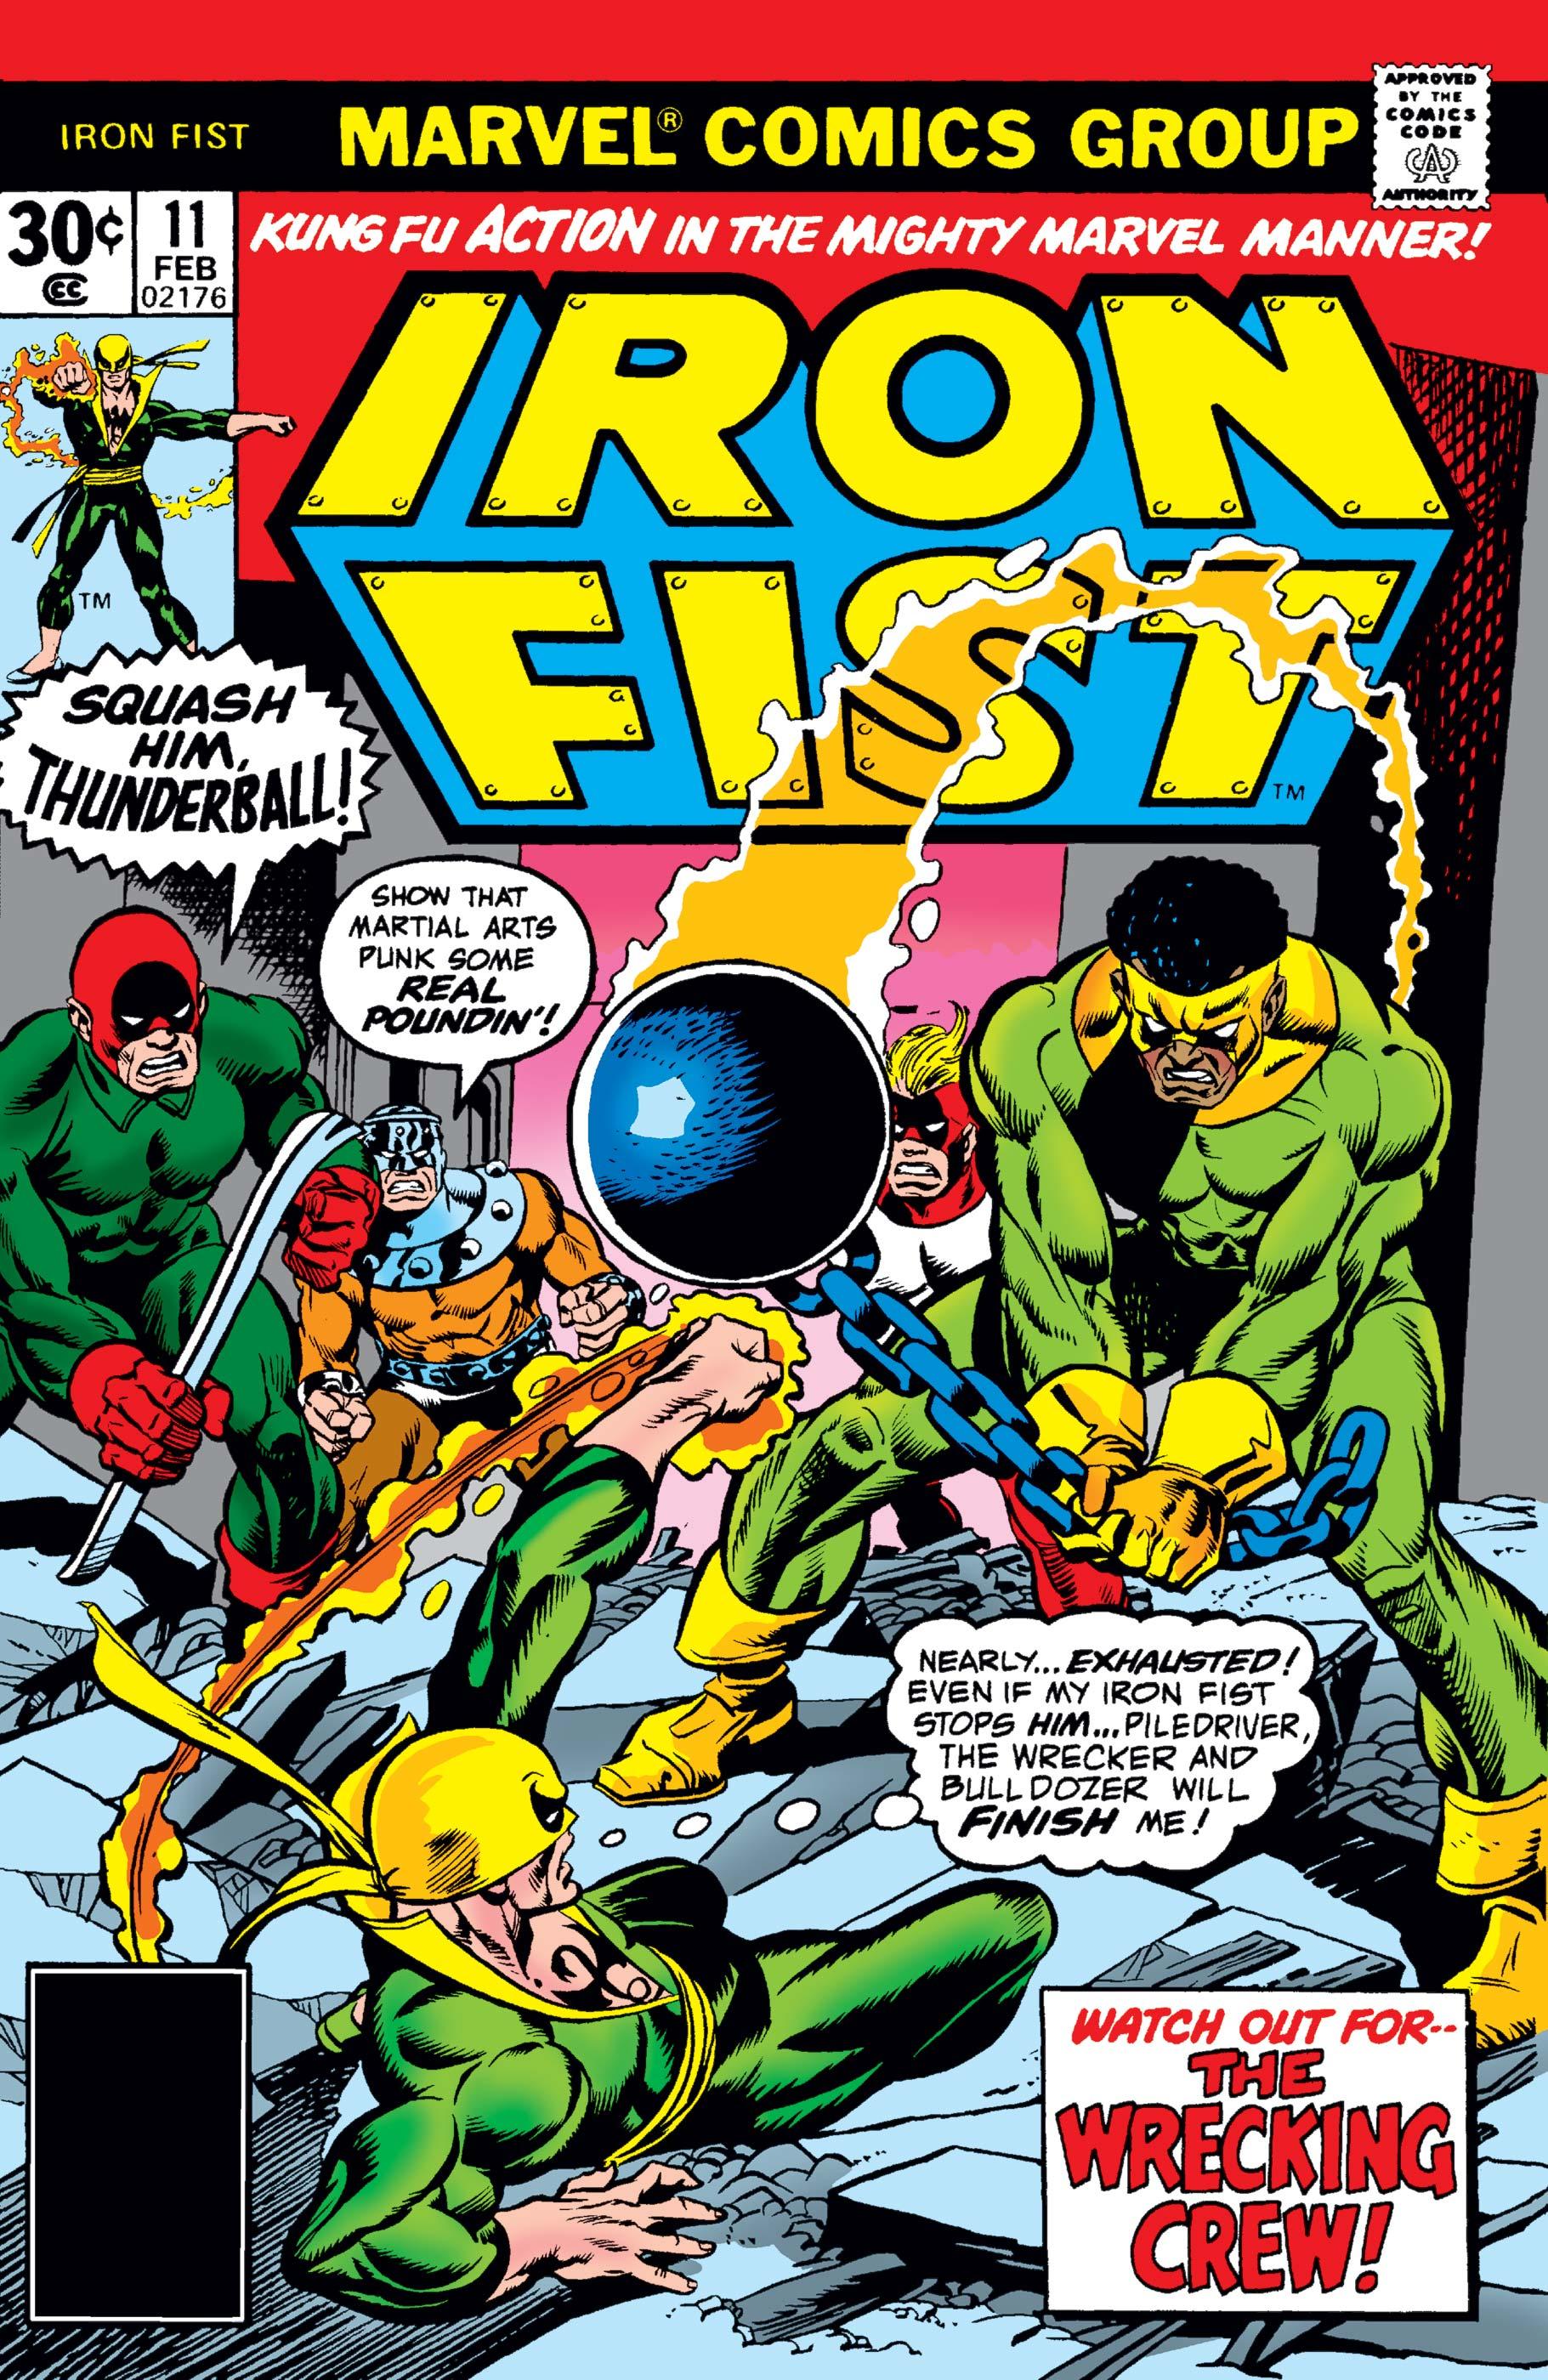 Iron Fist (1975) #11